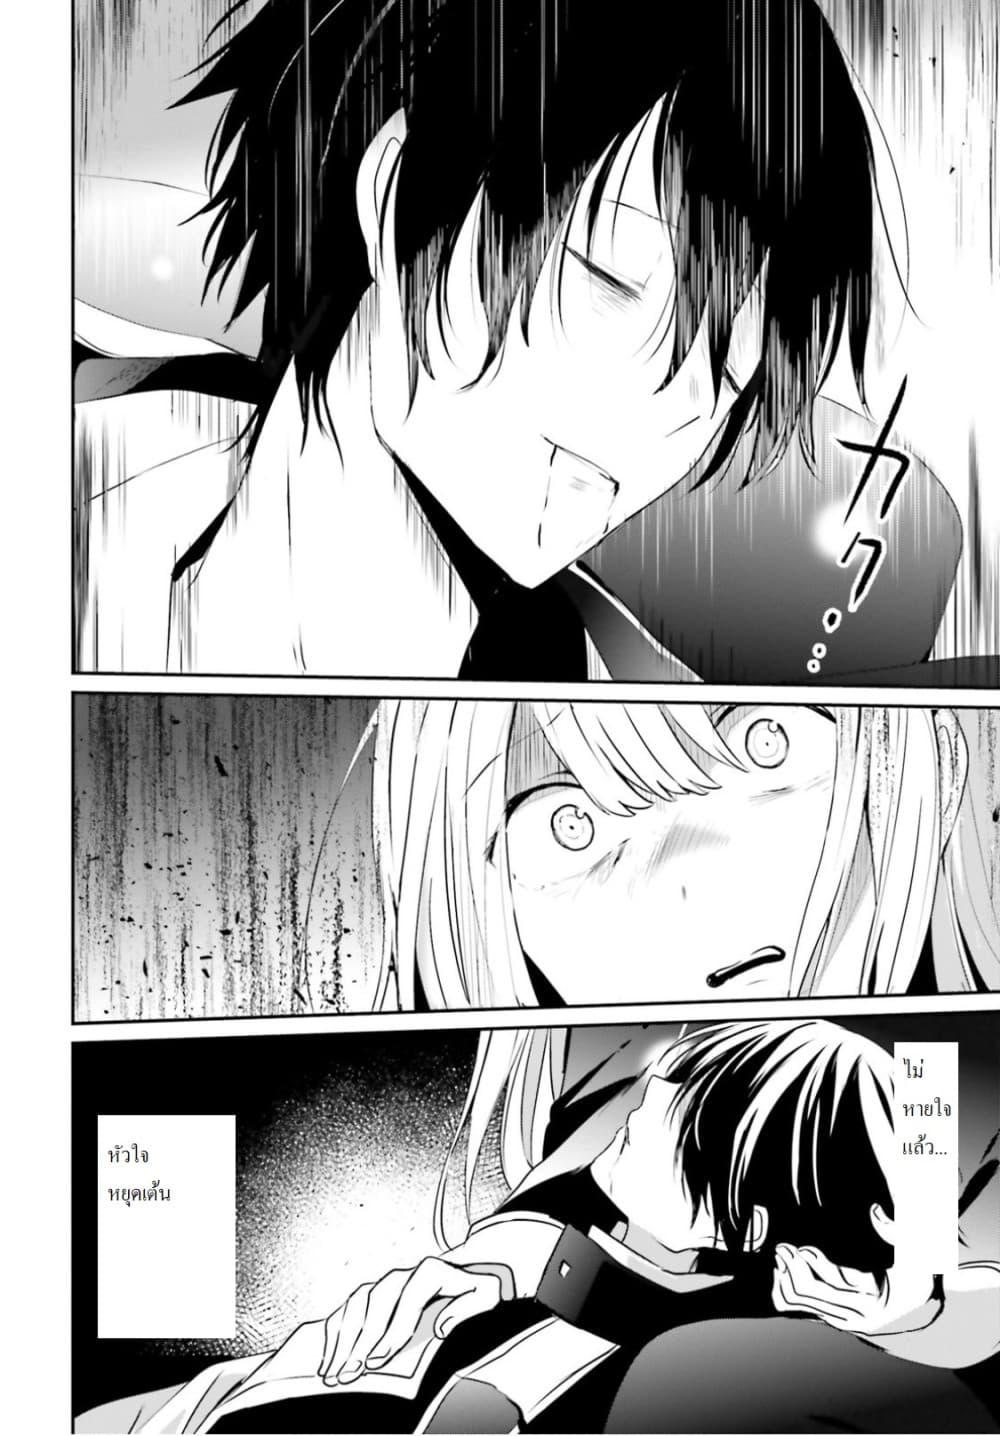 อ่านการ์ตูน Kage no Jitsuryokusha ni Naritakute! ตอนที่ 10.1 หน้าที่ 12